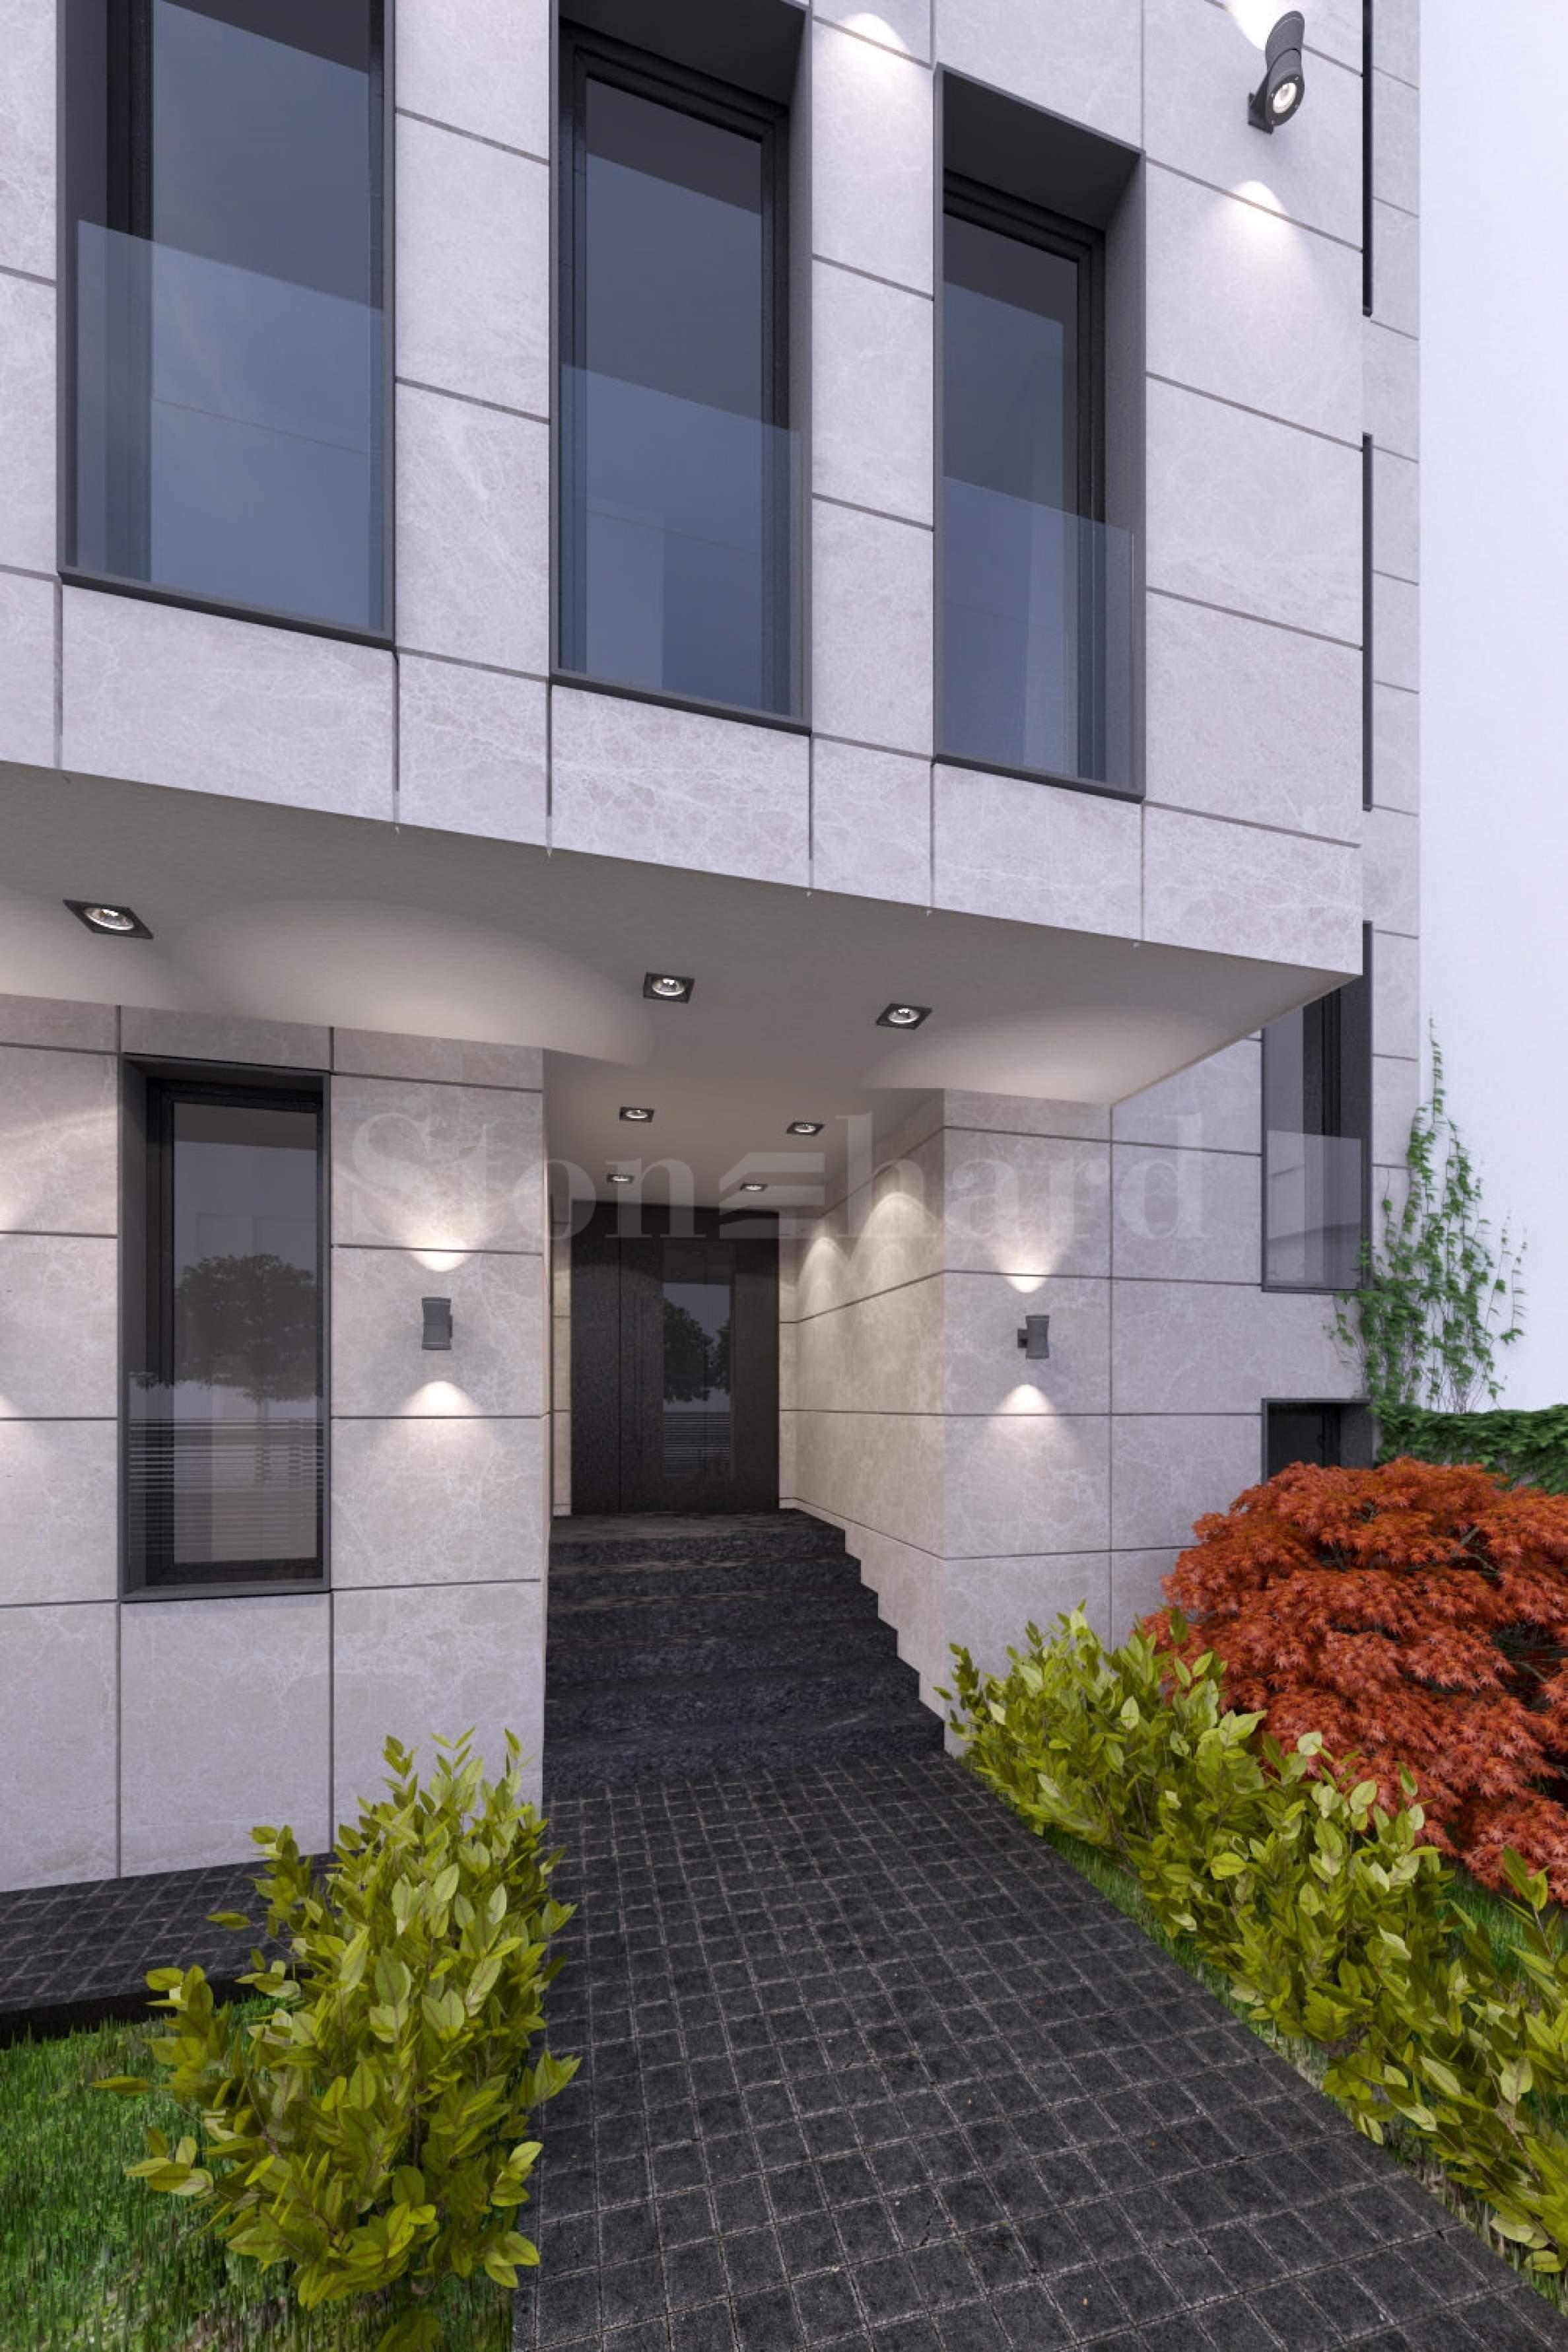 DV_Luxury Residence - малка бутикова сграда от най-висок клас2 - Stonehard